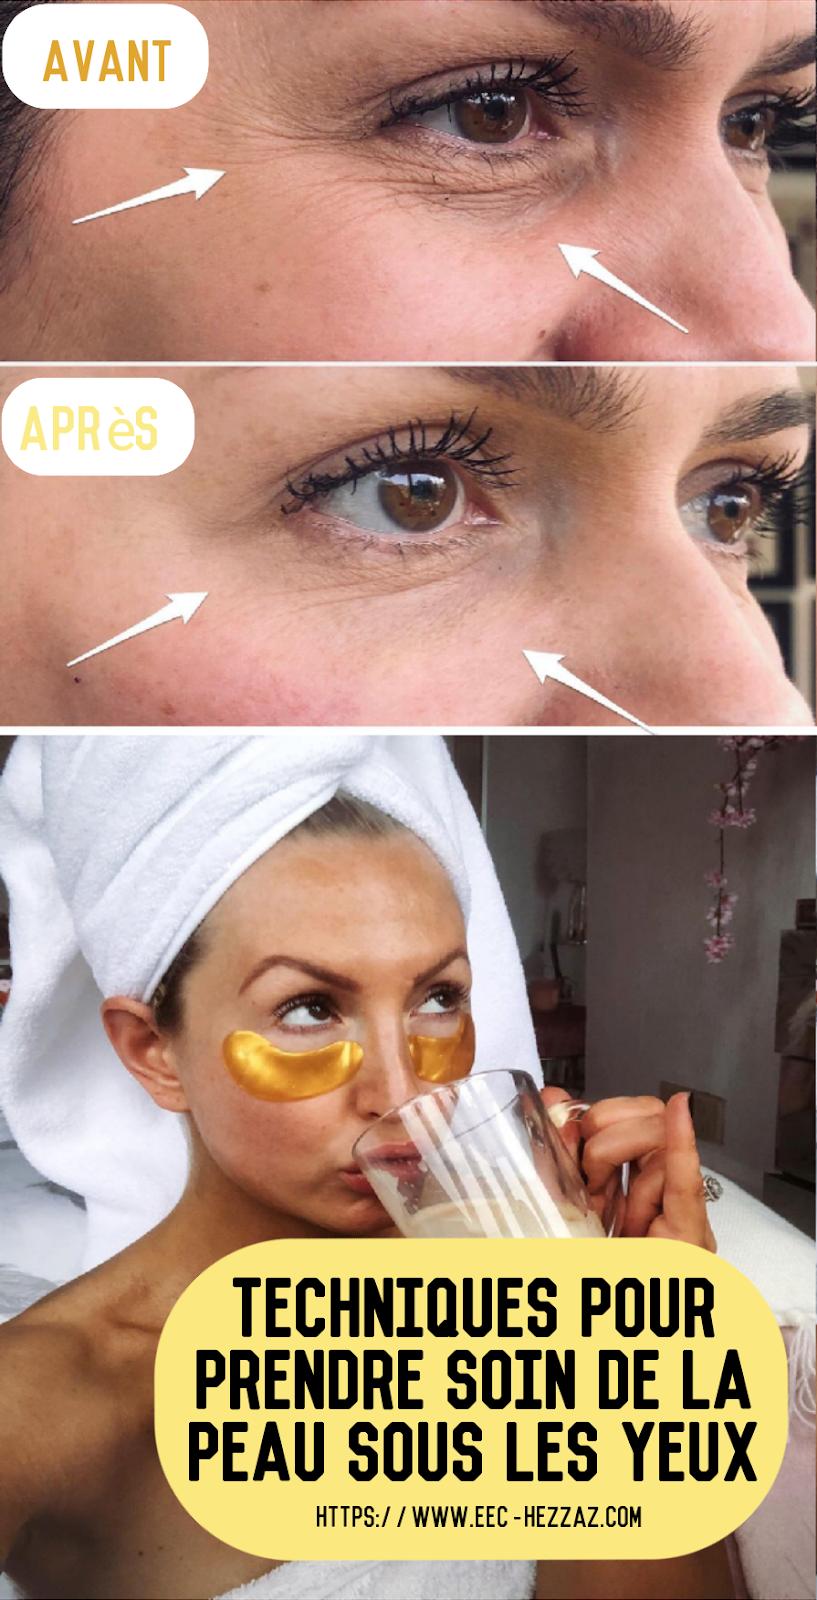 Techniques pour prendre soin de la peau sous les yeux